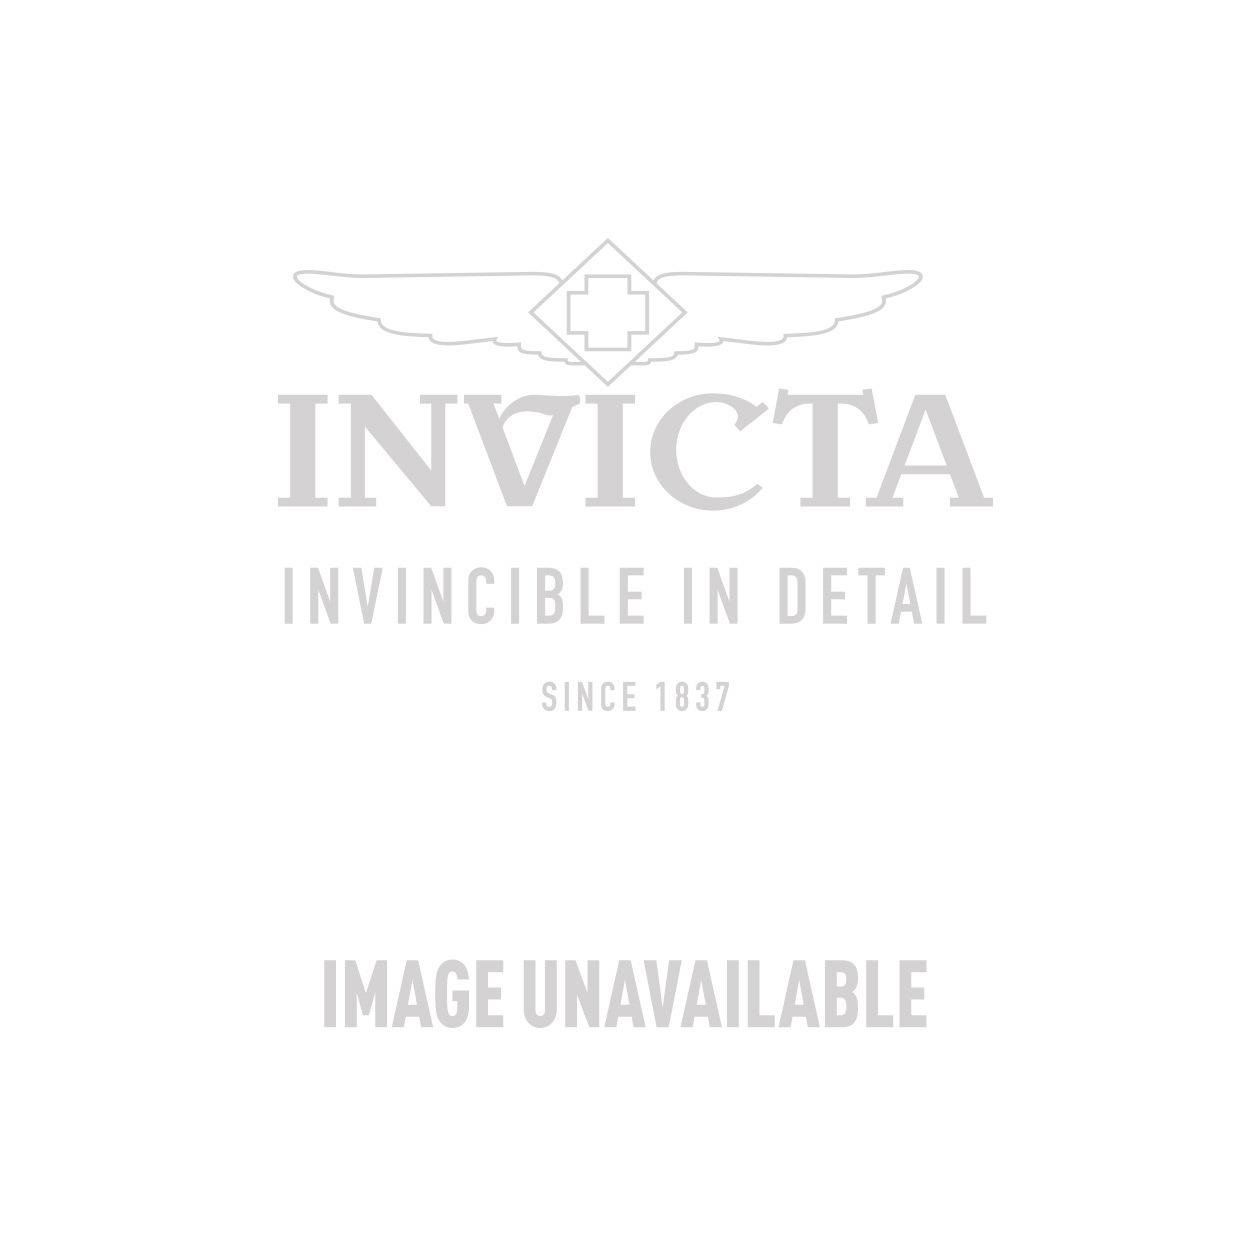 Invicta Subaqua NOMA III Mens Quartz 50mm Gold Case  Stainless Steel Dial Model  - 15802